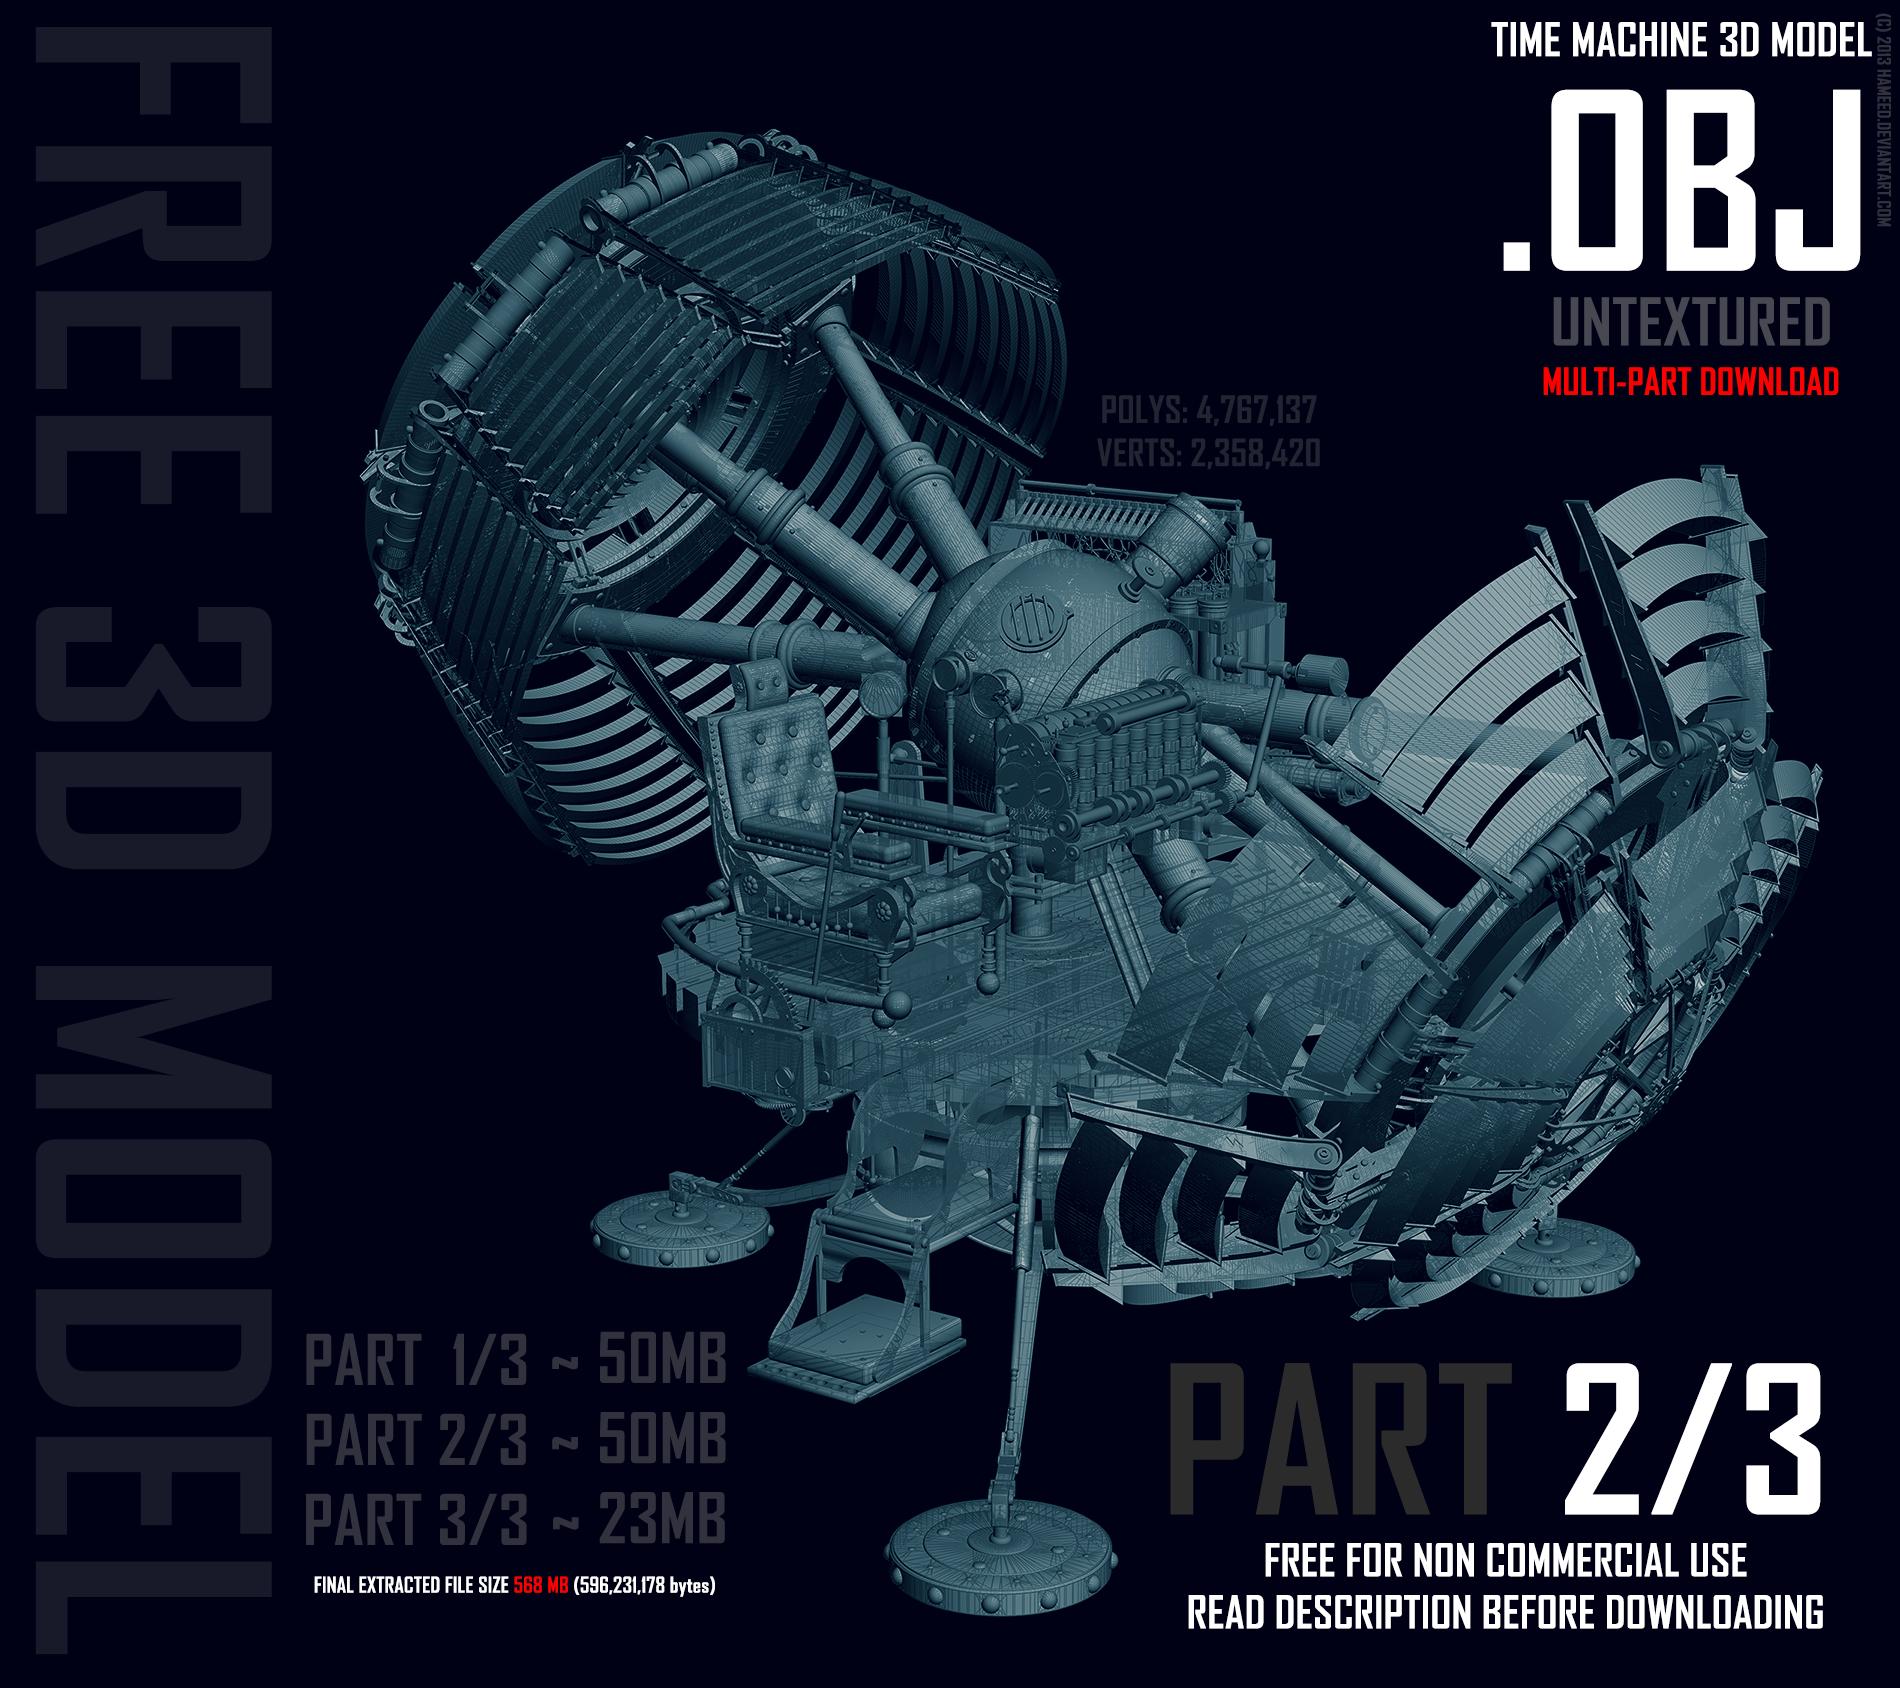 Time Machine 3D Model OBJ - 2 OF 3 by Hameed